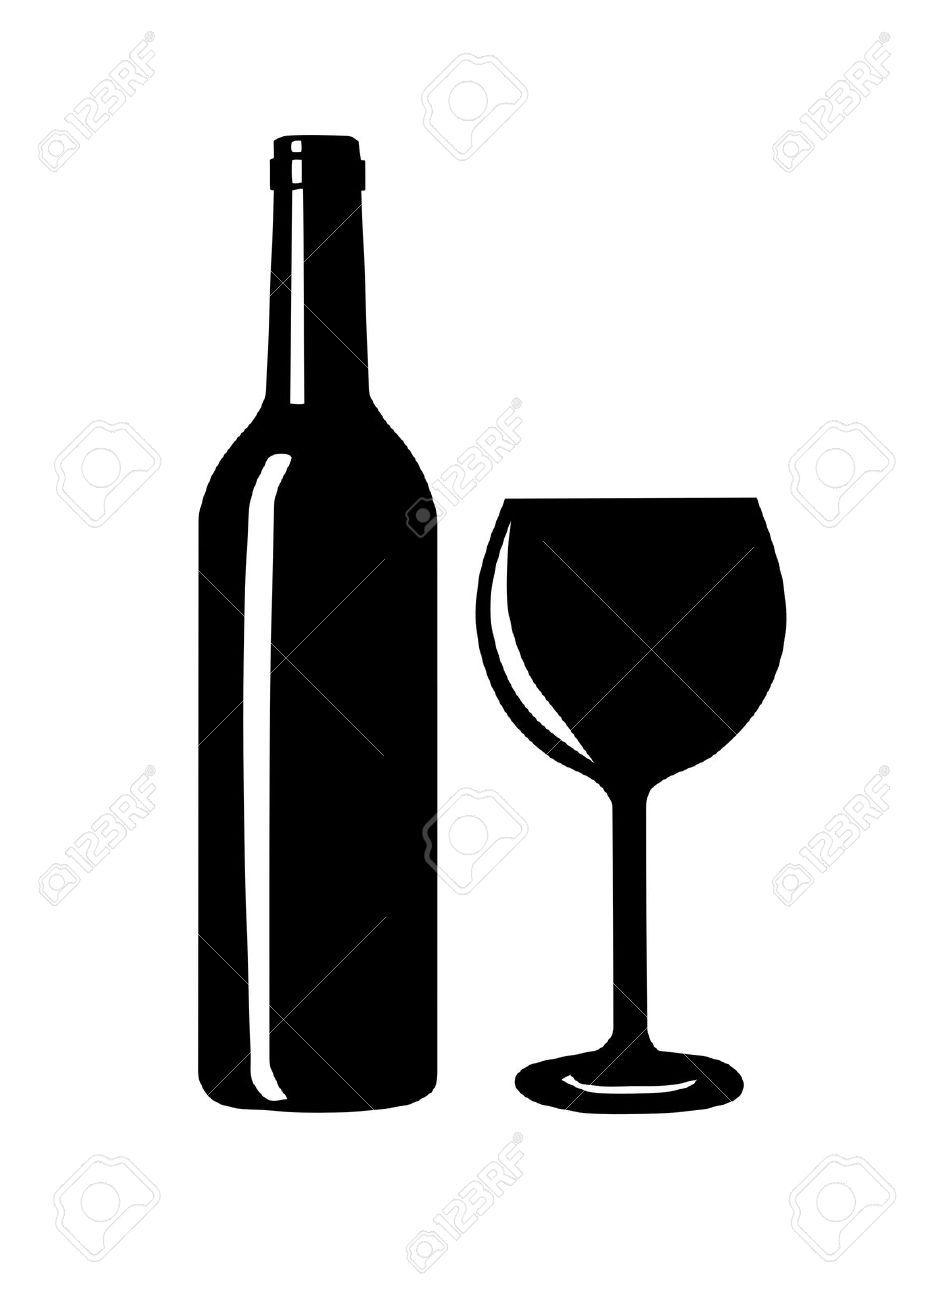 Wine Bottle Wine Bottle And Glass Silhouette Vector Illustration Wine Bottle Illustration Wine Bottle Bottle